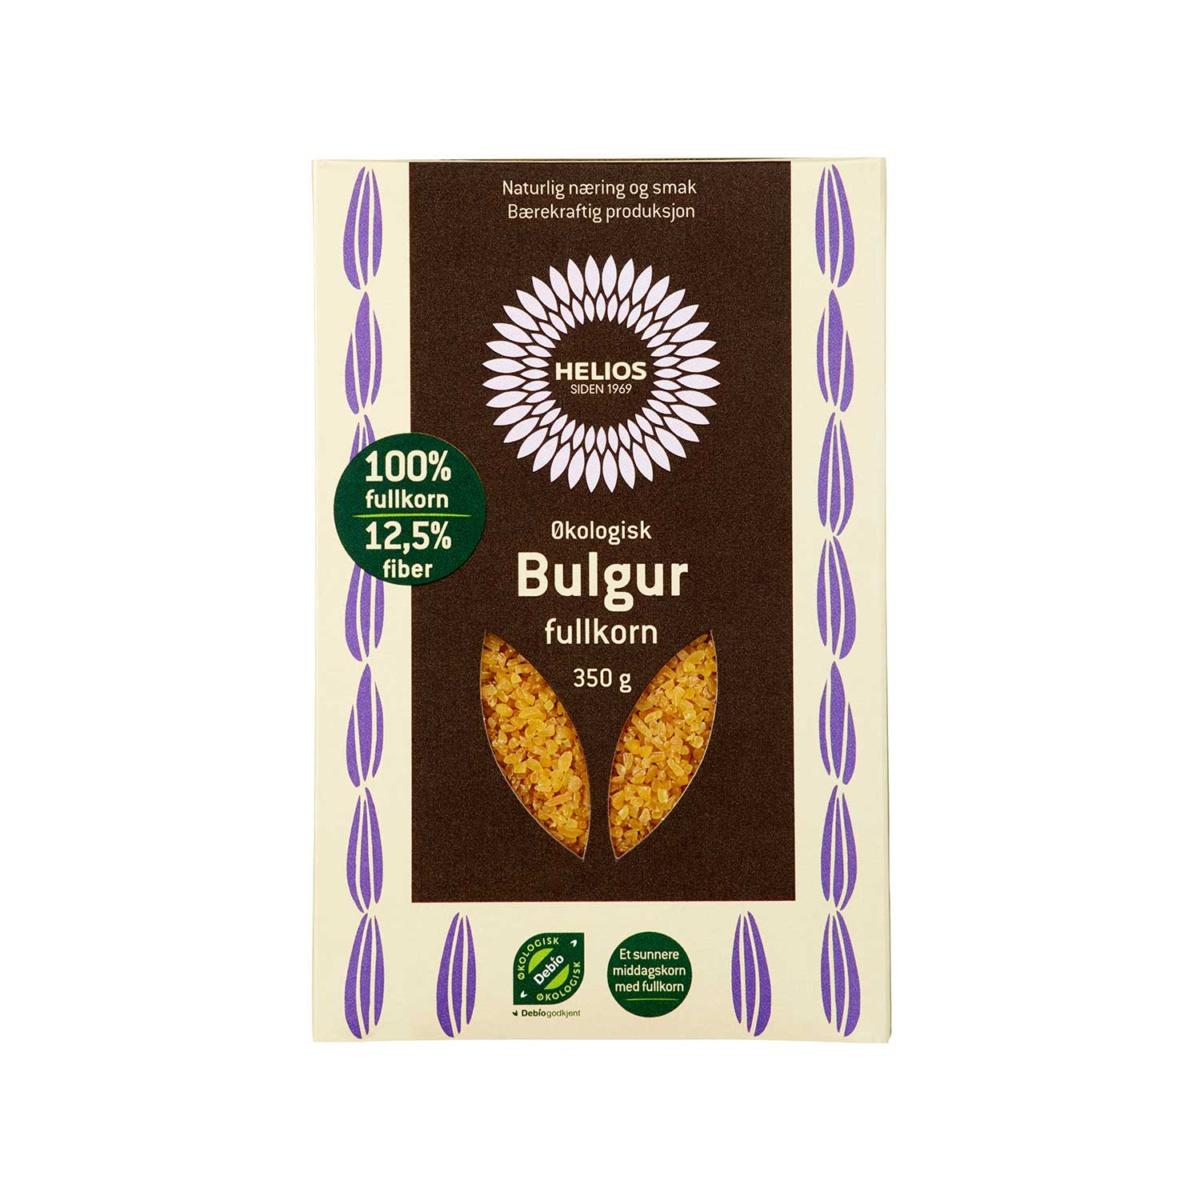 60310-helios-bulgur-fullkorn-4448643_7070622012159_a1n1-tradesolution